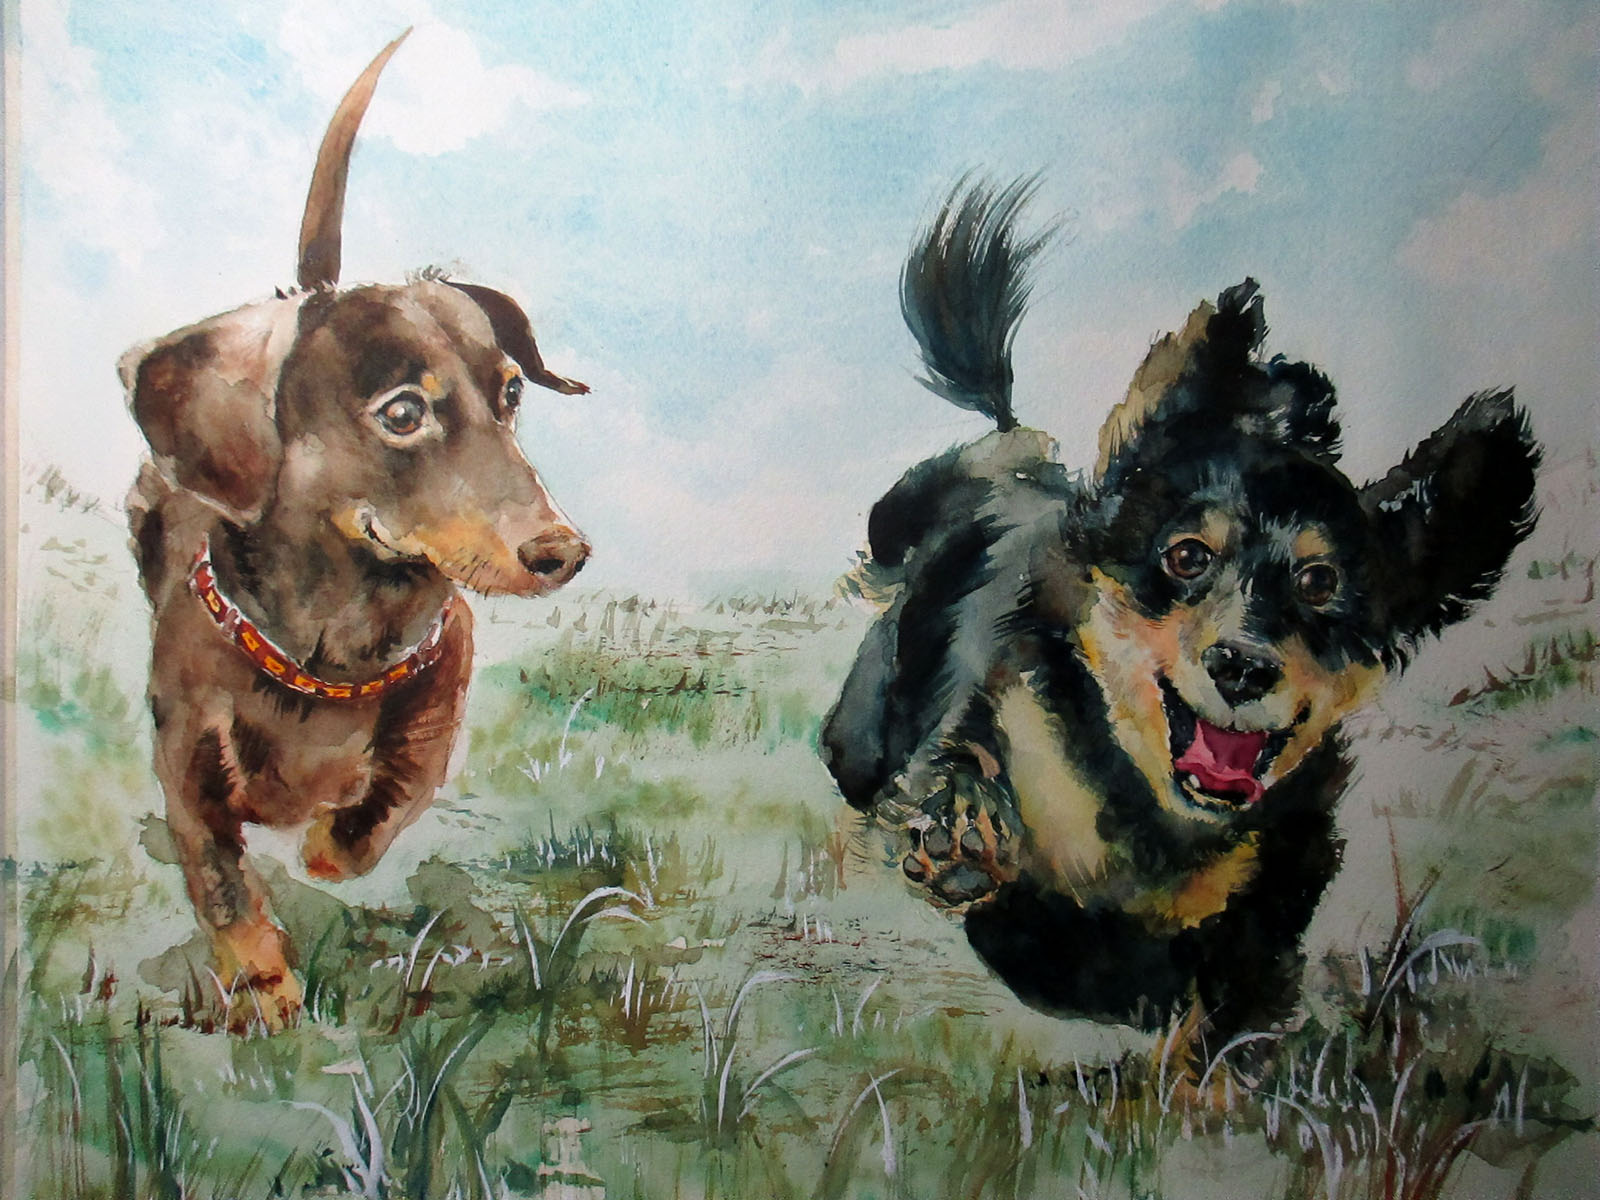 愛犬の水彩画オーダーメイドのご依頼をいただき描かせていただきました♪